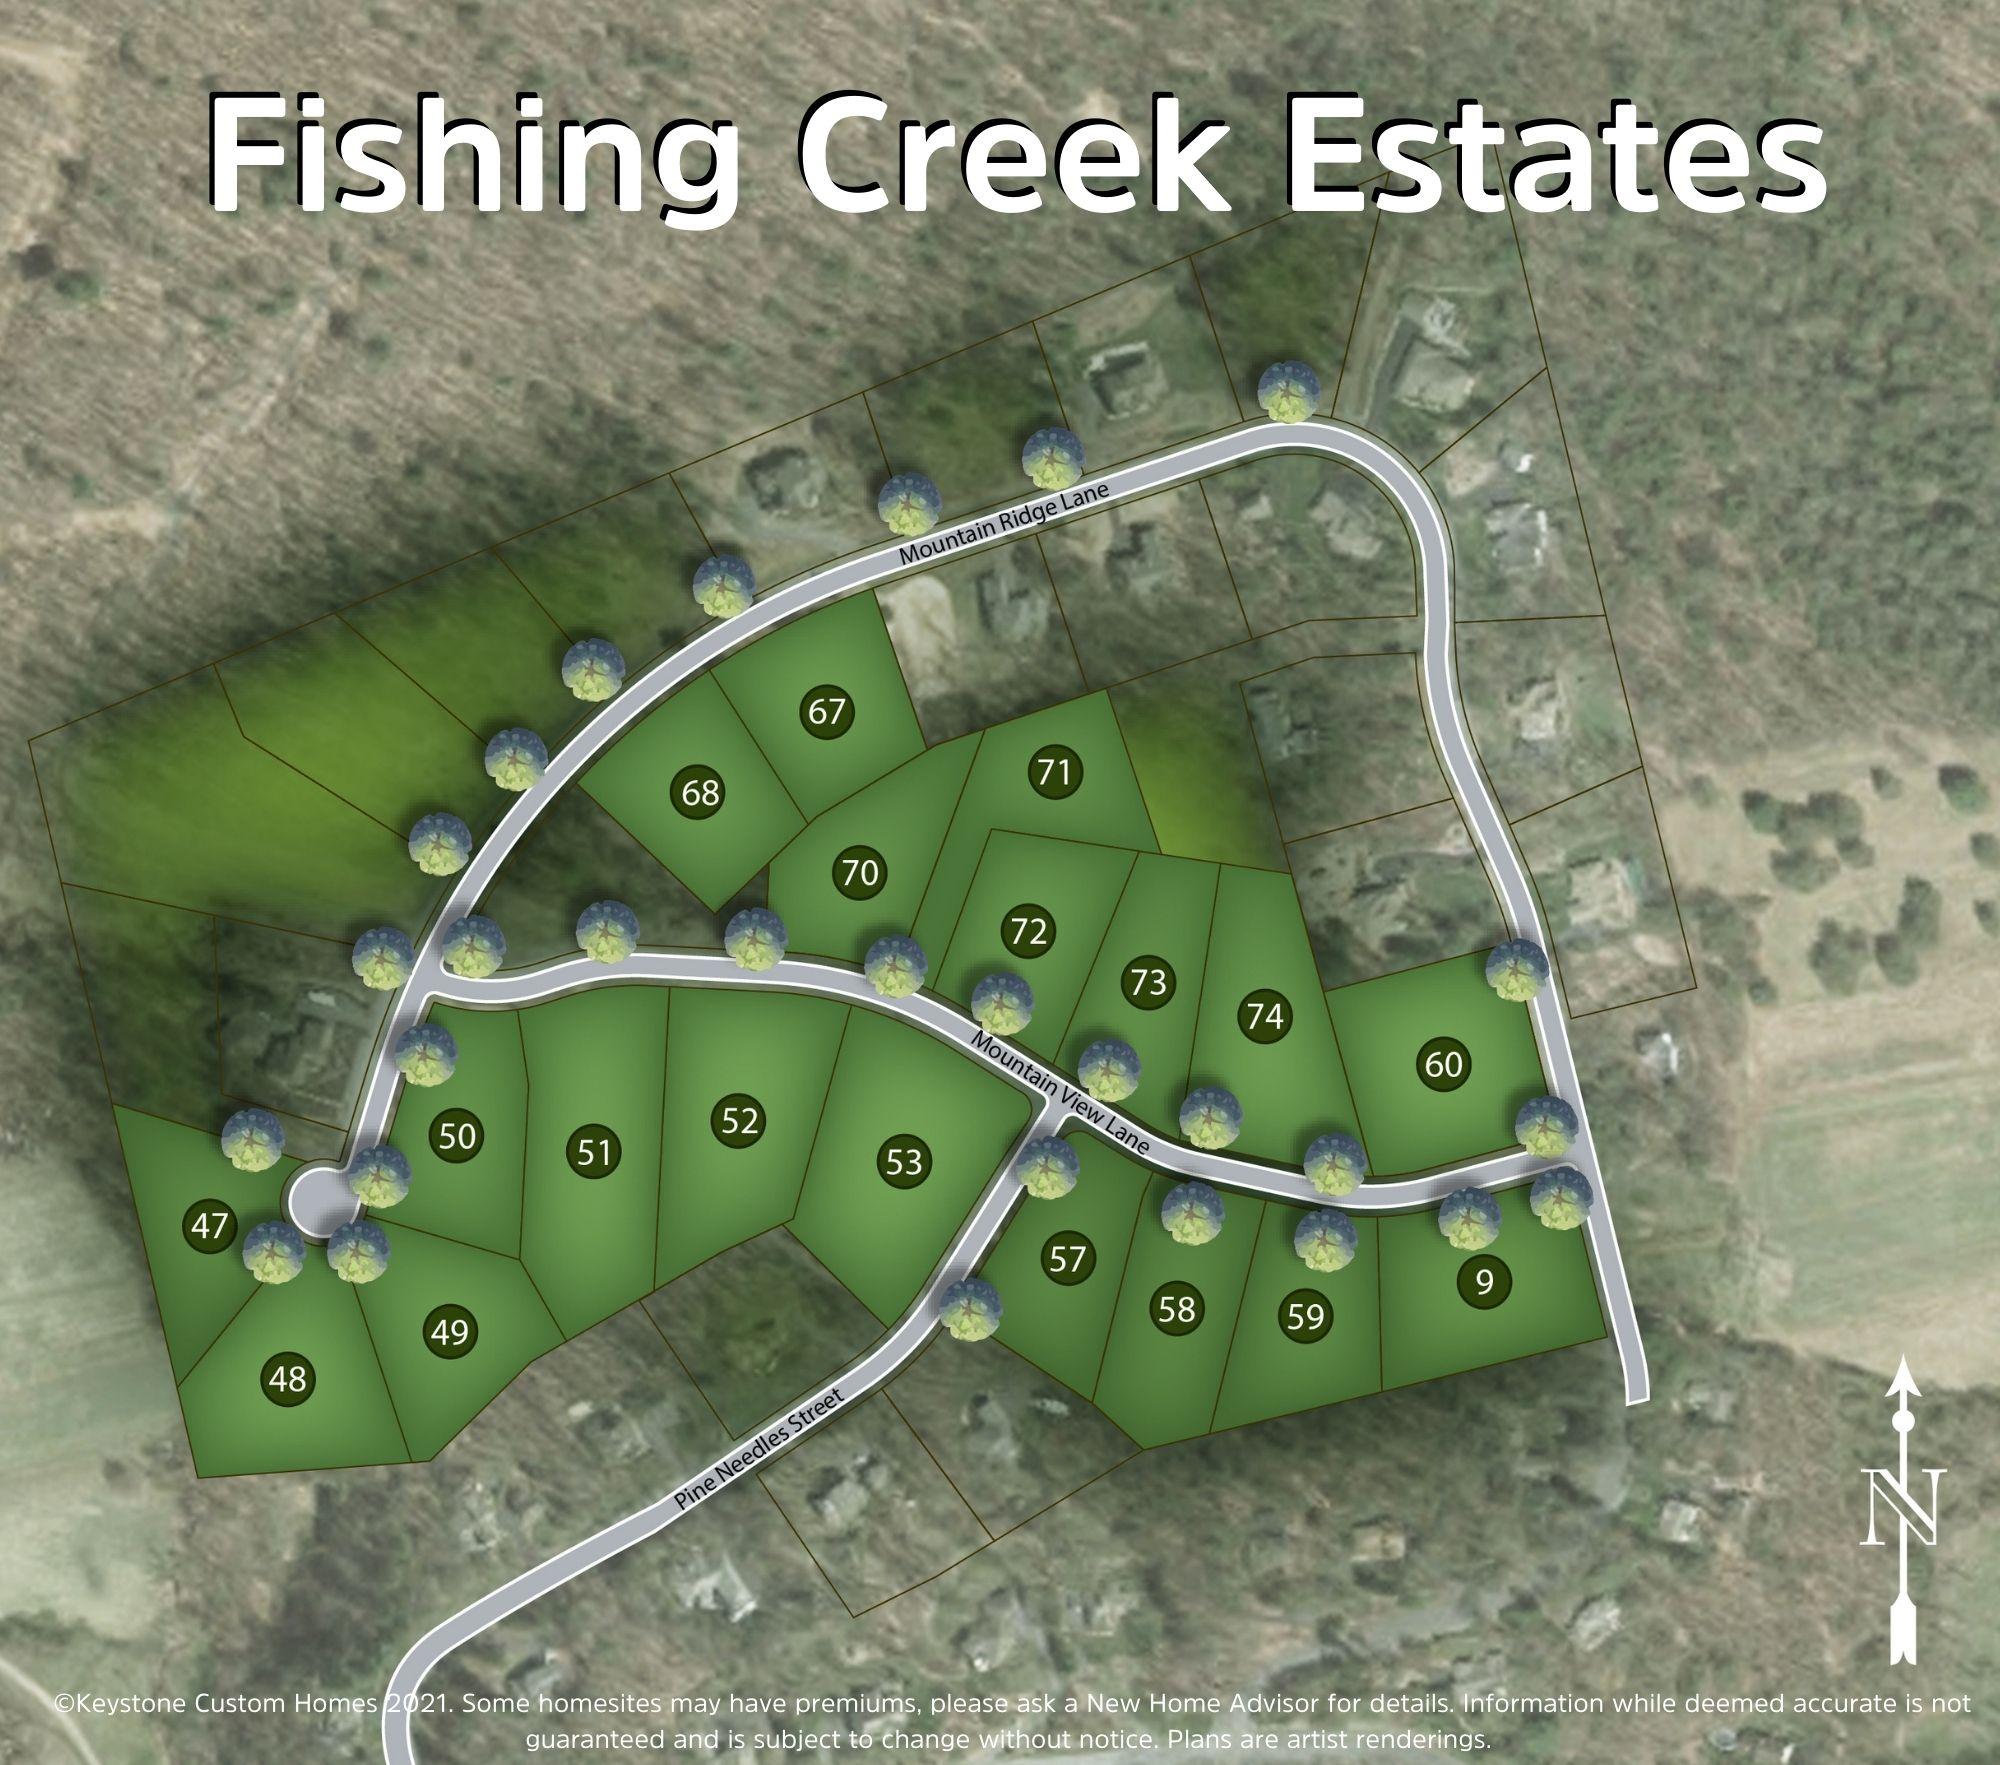 Fishing Creek Estates Lot Map Background